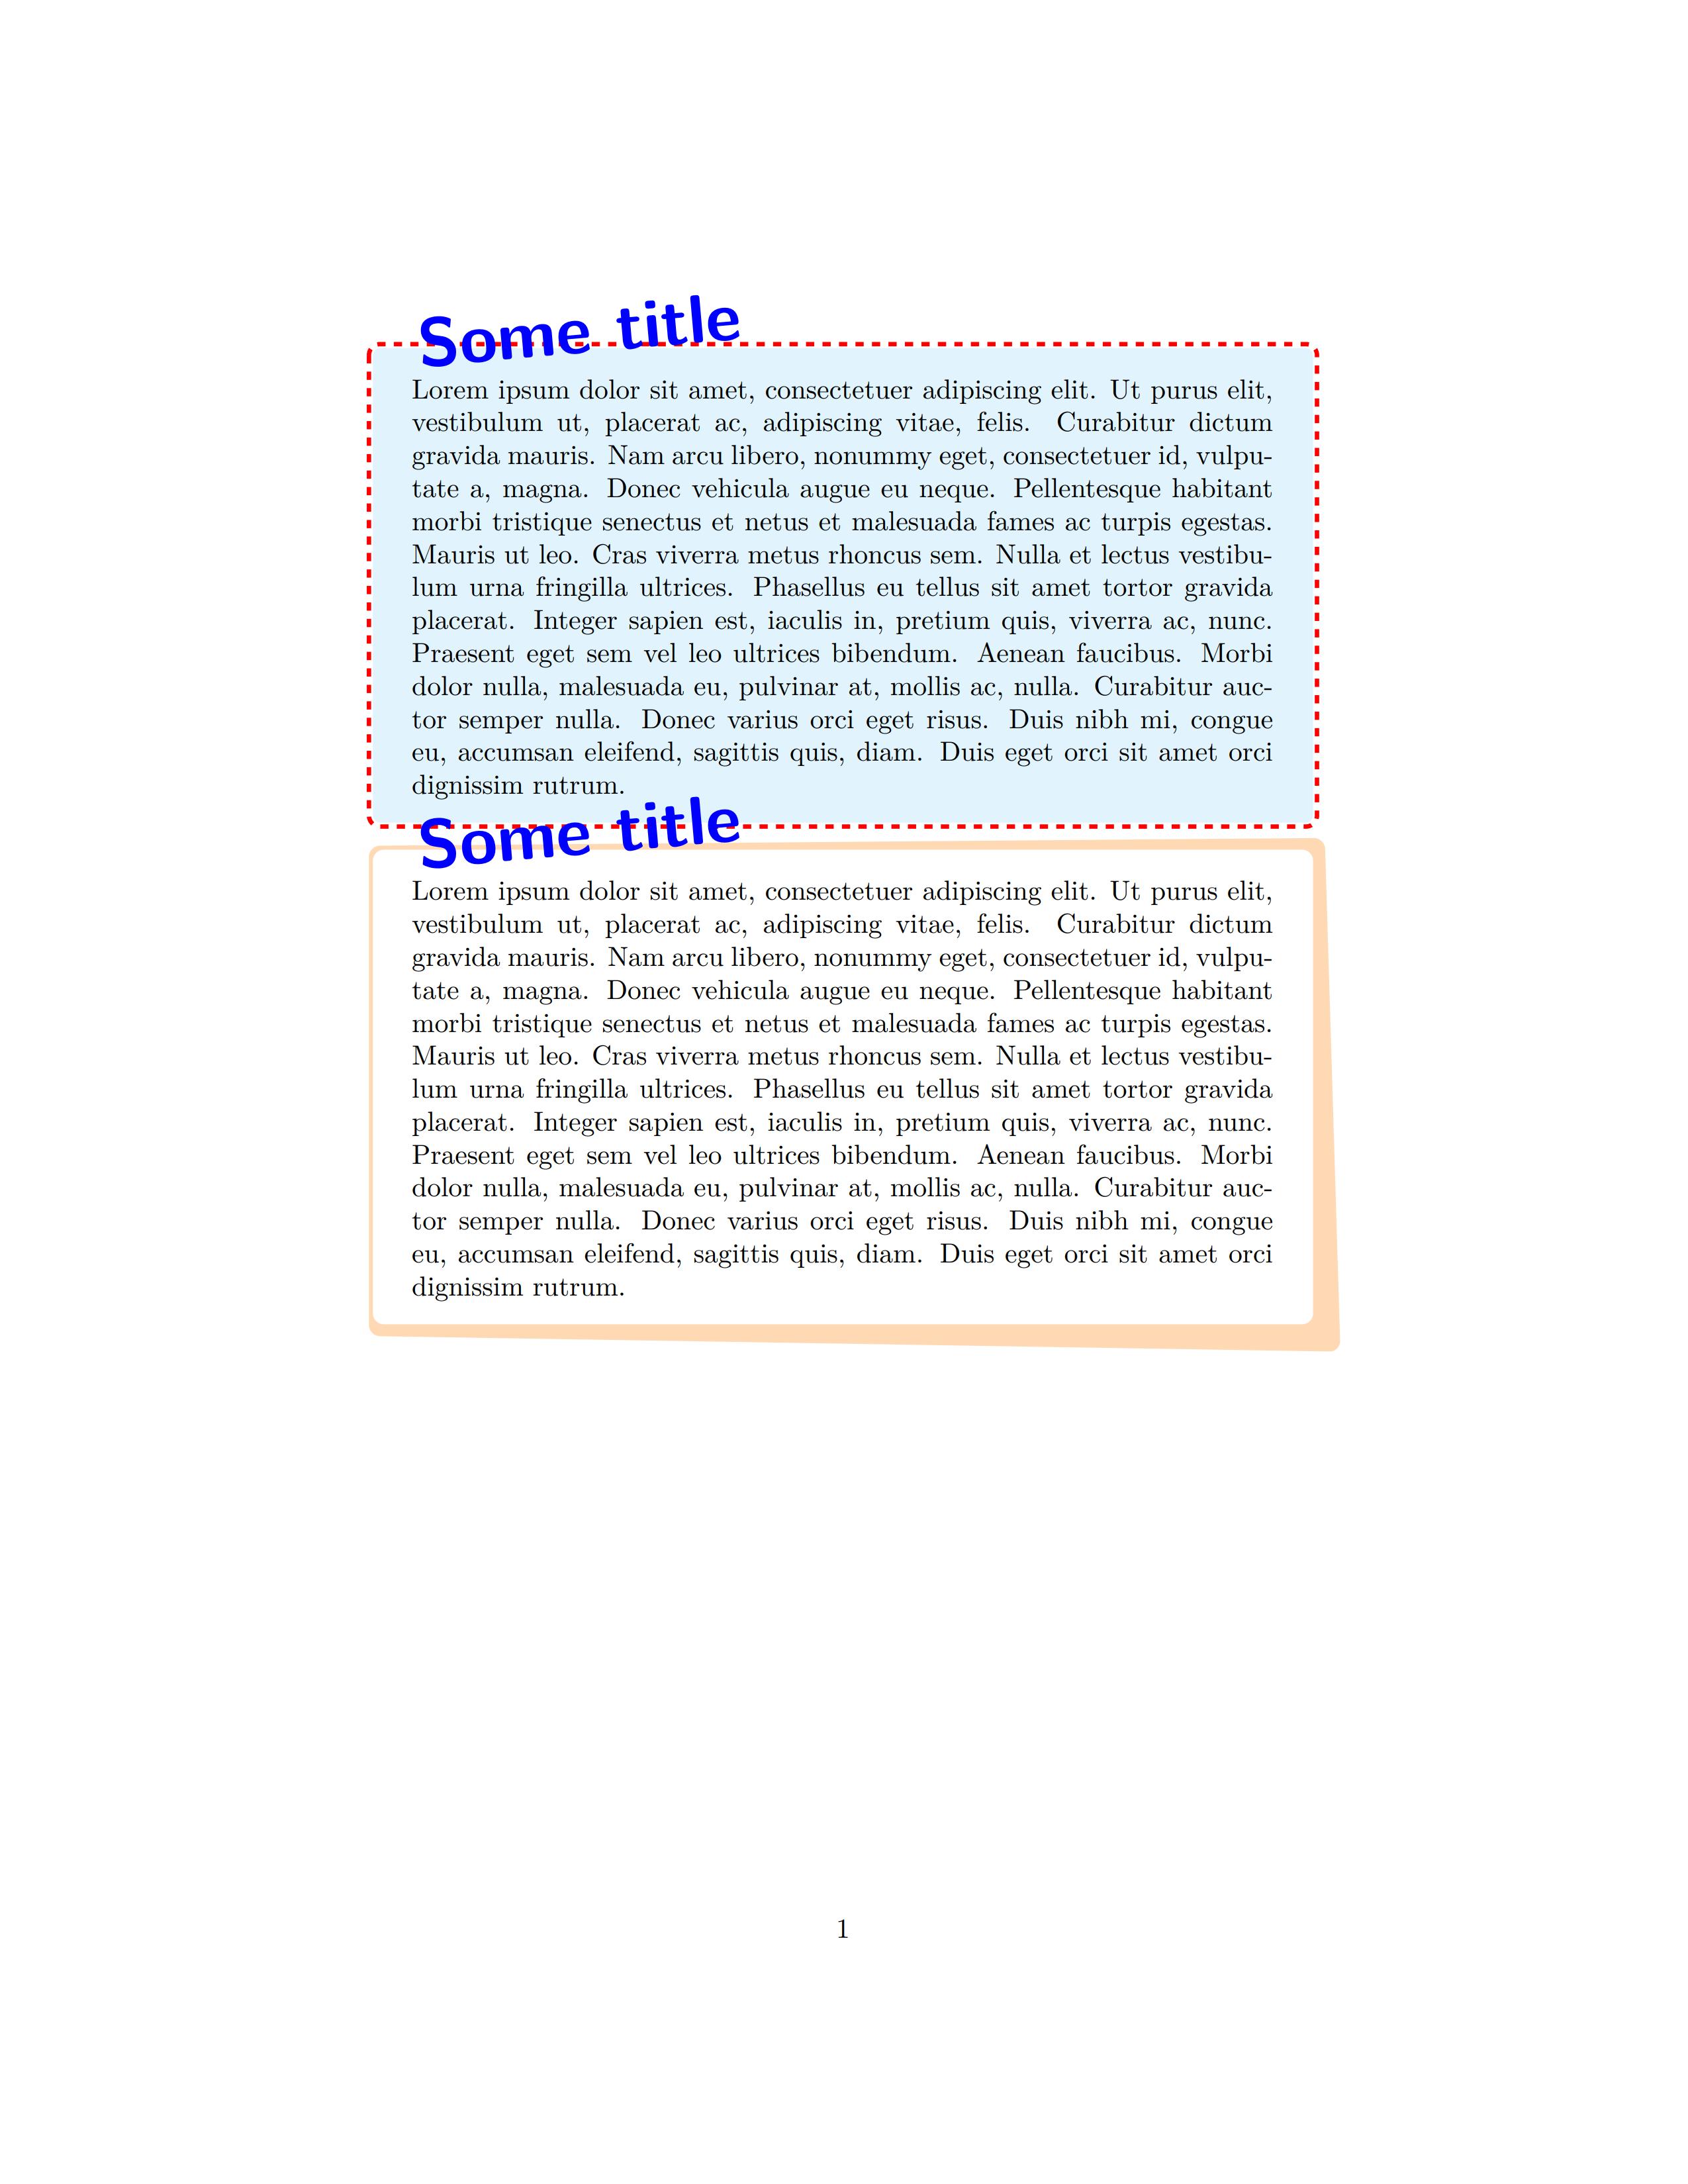 tcolorbox 定制的样式分享 - 标题很大气